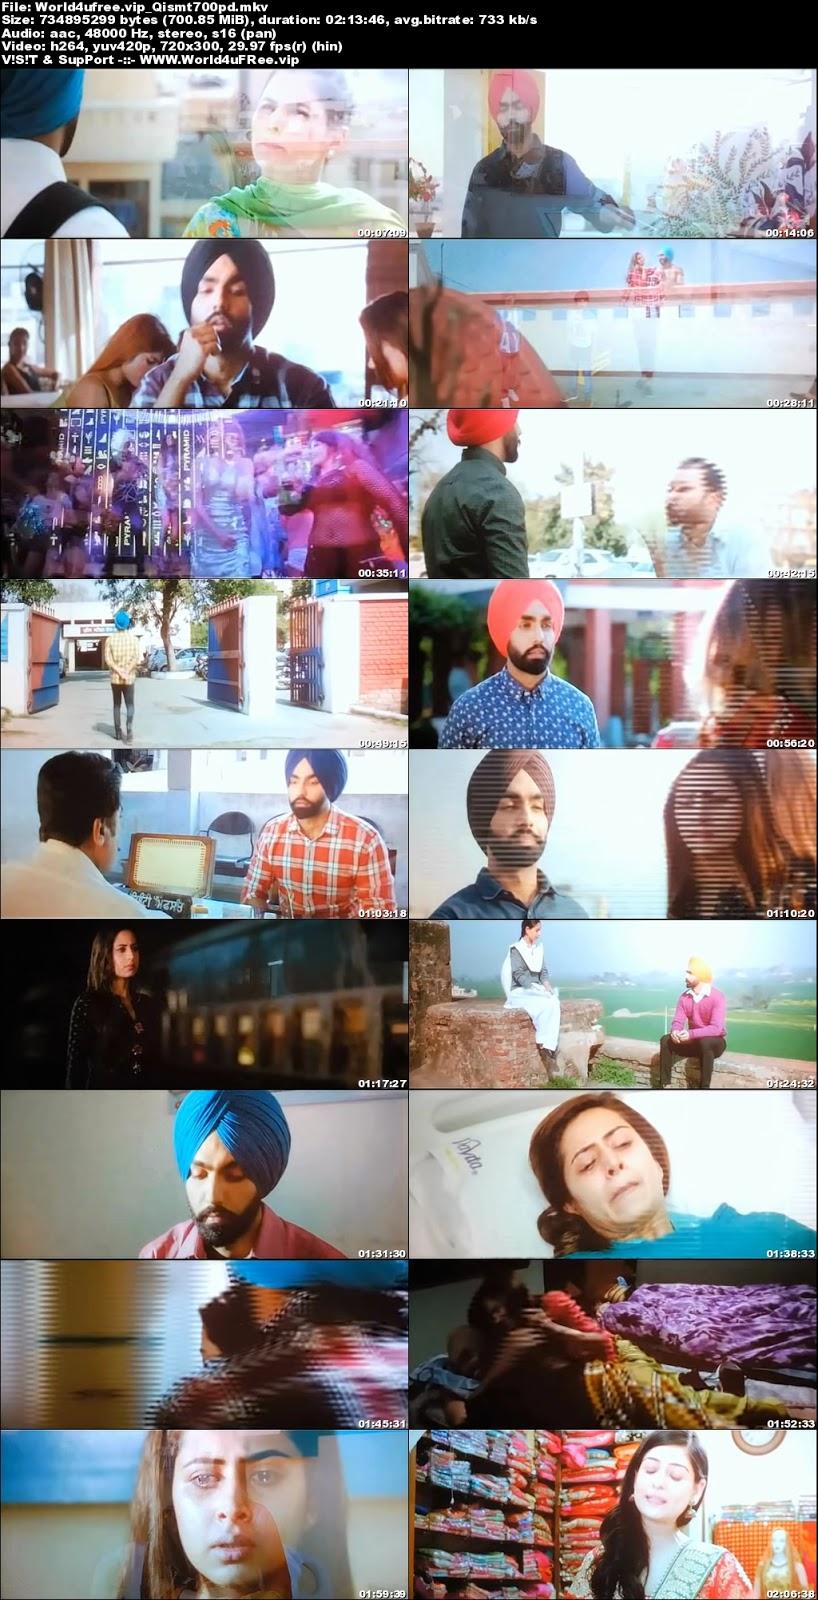 Qismat 2018 Punjabi Movie Pre-DVDRip 700Mb Download world4ufree.fun , hindi movie Qismat 2018 hdrip 720p bollywood movie Qismat 2018 720p LATEST MOVie Qismat 2018 720p DVDRip NEW MOVIE Qismat 2018 720p WEBHD 700mb free download or watch online at world4ufree.fun